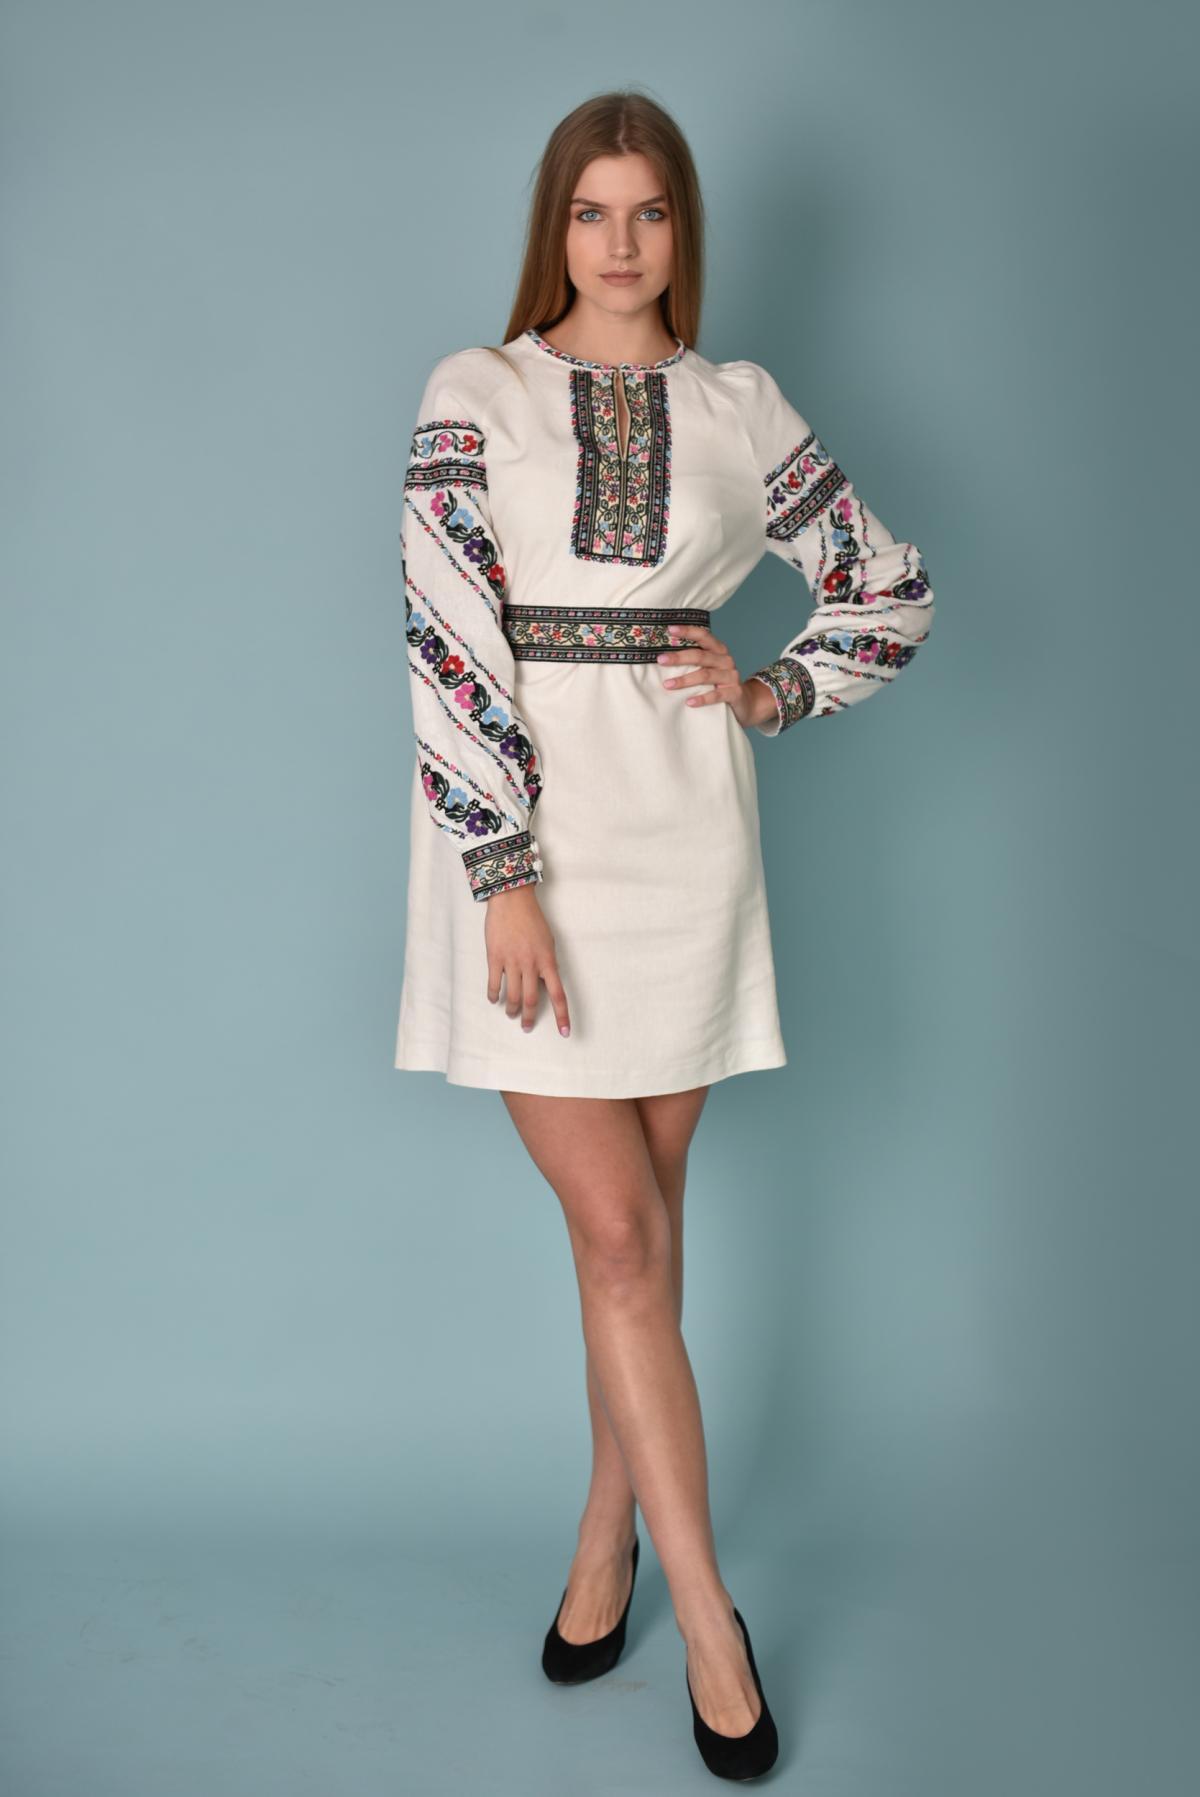 Біла вишита сукня з барвистою вишивкою. Фото №1. | Народний дім Україна